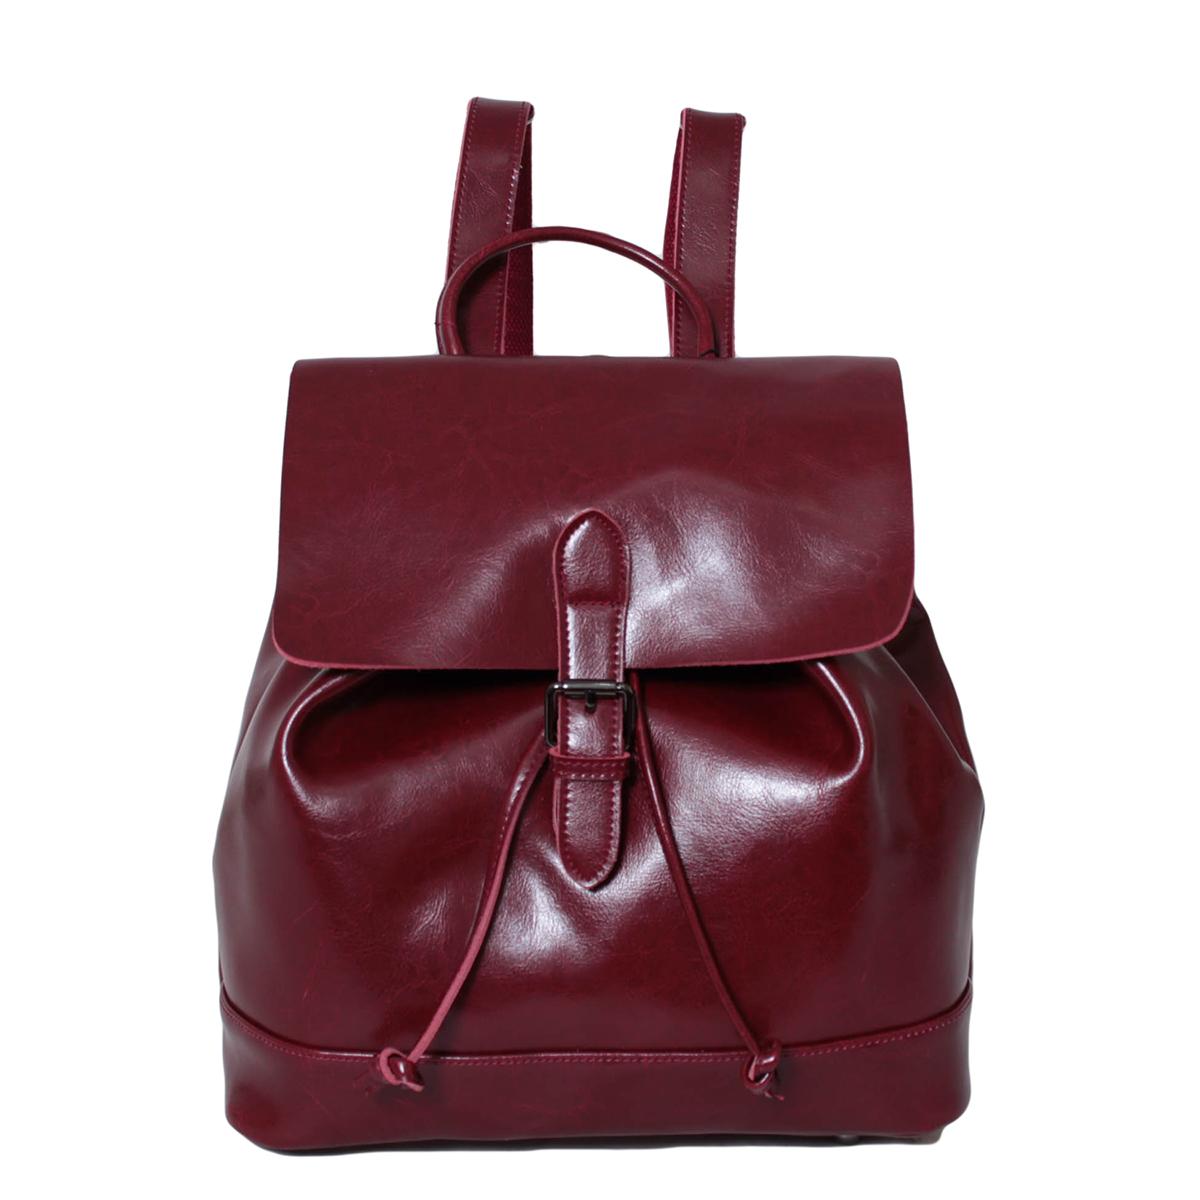 Рюкзак городской женский Flioraj, цвет: красный. 0005298500052985Закрывается на клапан. Внутри одно отделение, один карман на молнии и два для мобильного телефона, на задней стенке карман на молнии.. Высота ручки 6 см.